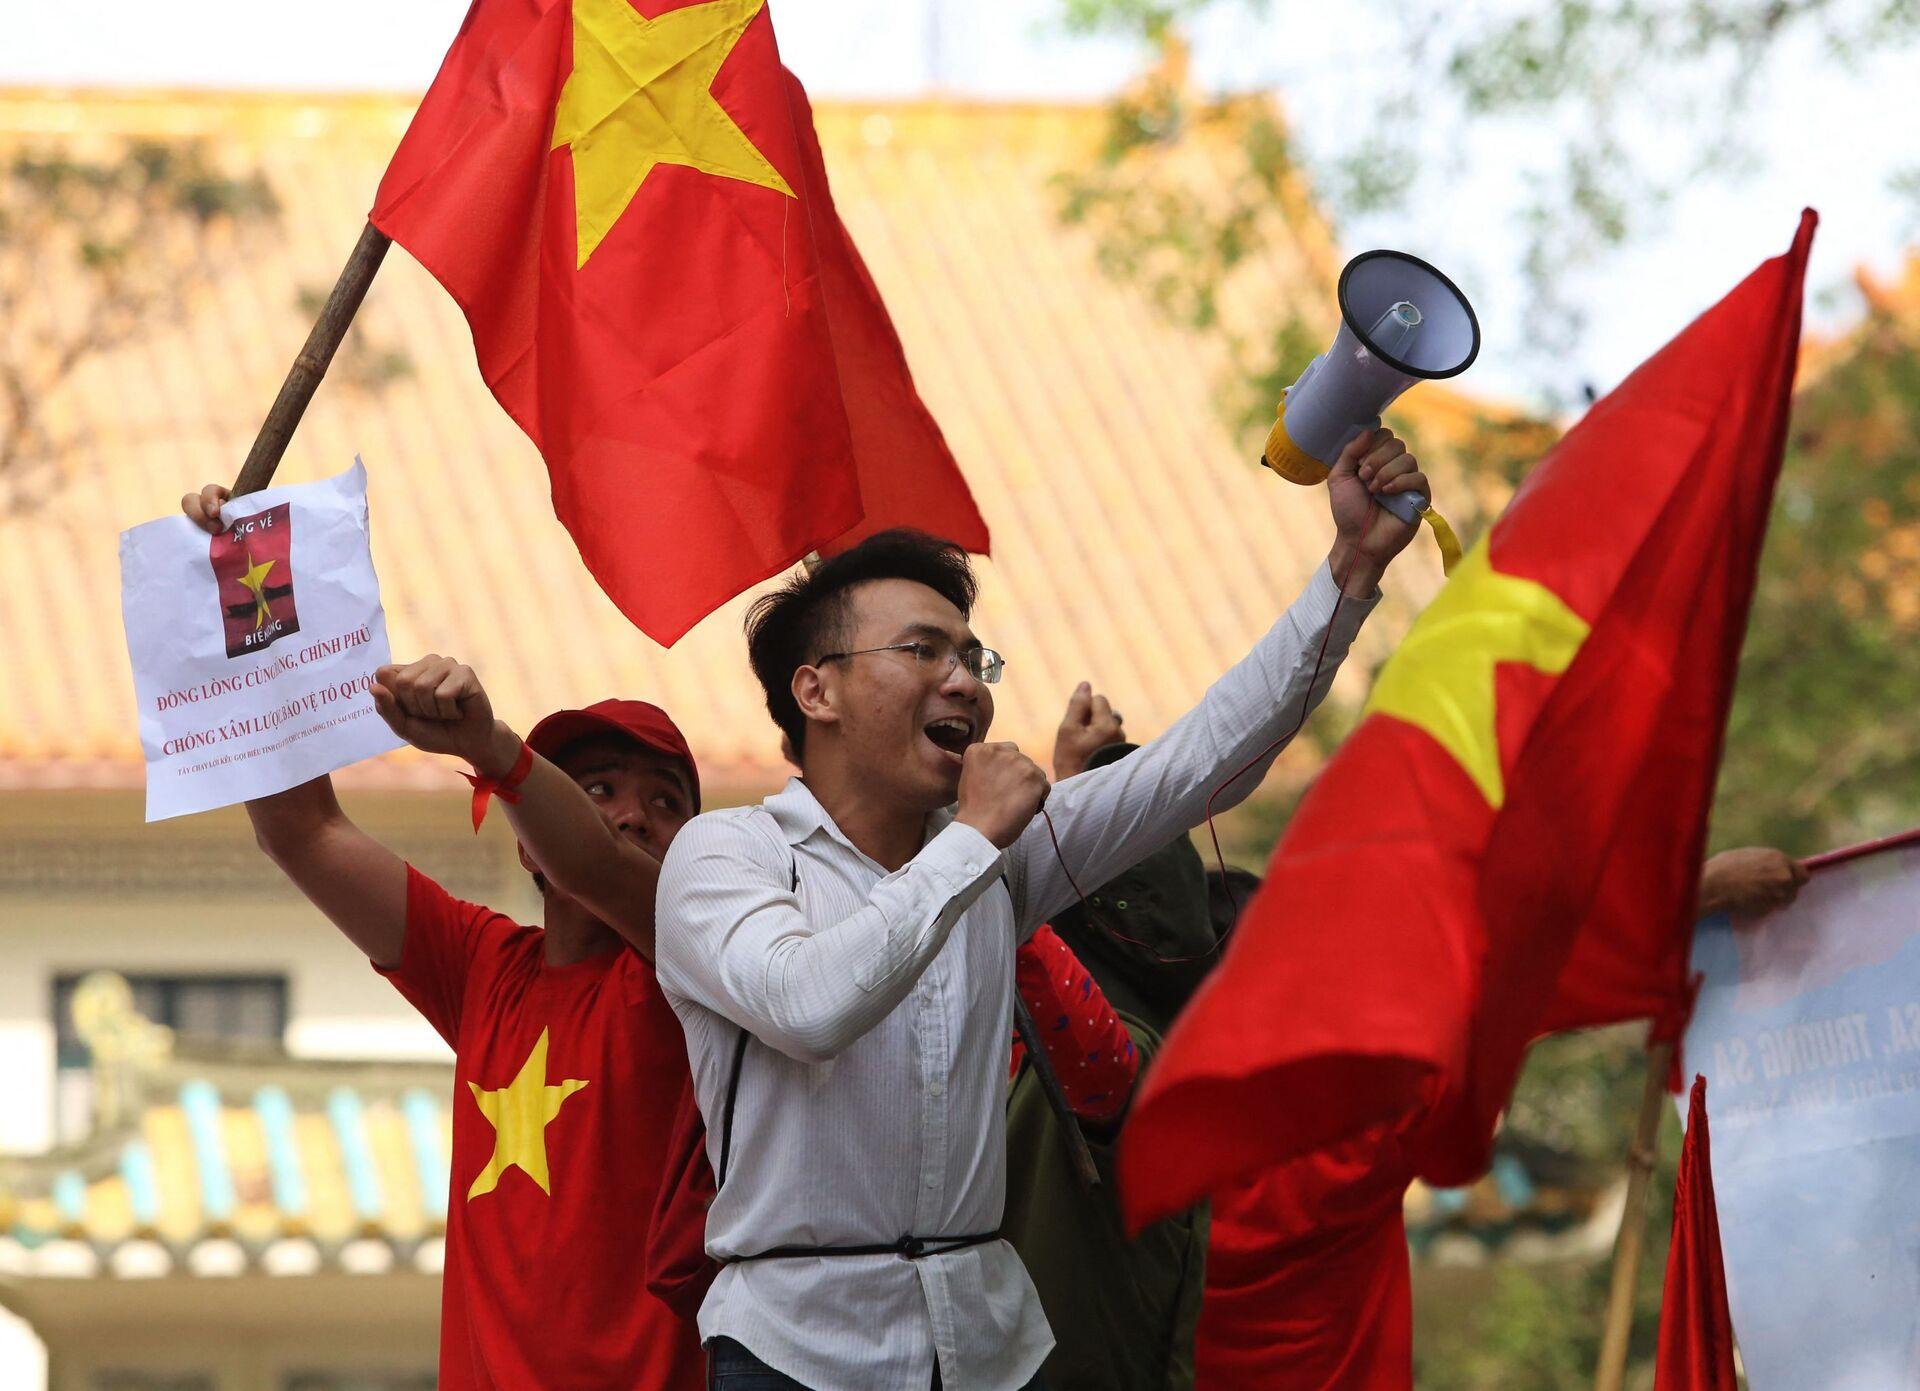 Việt Nam không muốn có vắc xin của Trung Quốc, nhưng có thể chống cự trong bao lâu? - Sputnik Việt Nam, 1920, 20.05.2021